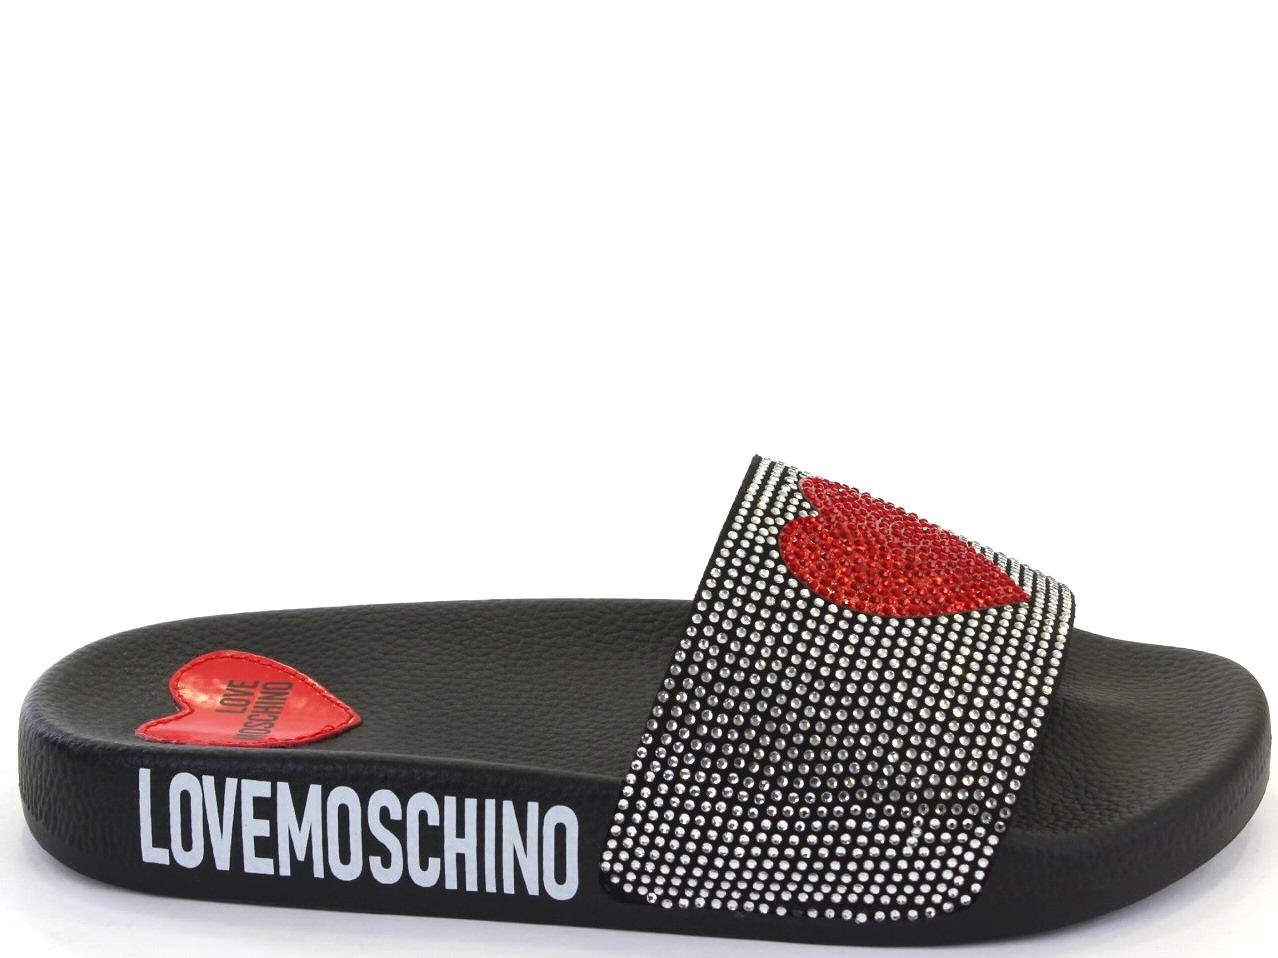 Chinelos de Rua e Praia Love Moschino | Moschino - 664 JA28012G0CI1